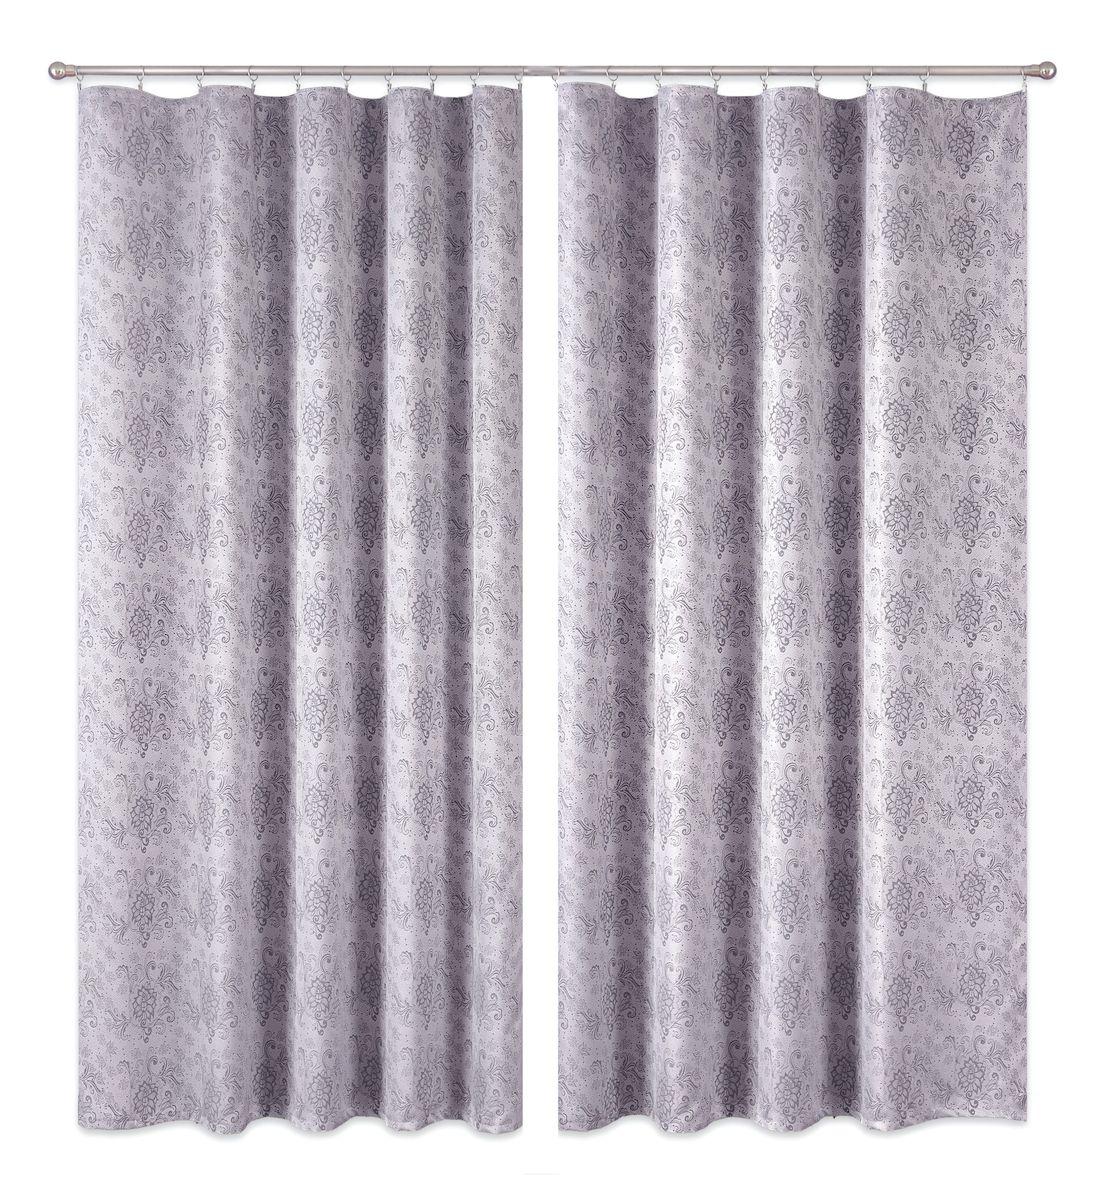 Комплект штор P Primavera Firany, цвет: серый, высота 250 см. 11100211110021Комплект штор из полиэстровой жаккардовой ткани с пришитой шторной лентой. Размер - ширина 180 см высота 250см. Набор 2 штуки. Цвет серый. Размер: ширина 180 х высота 250